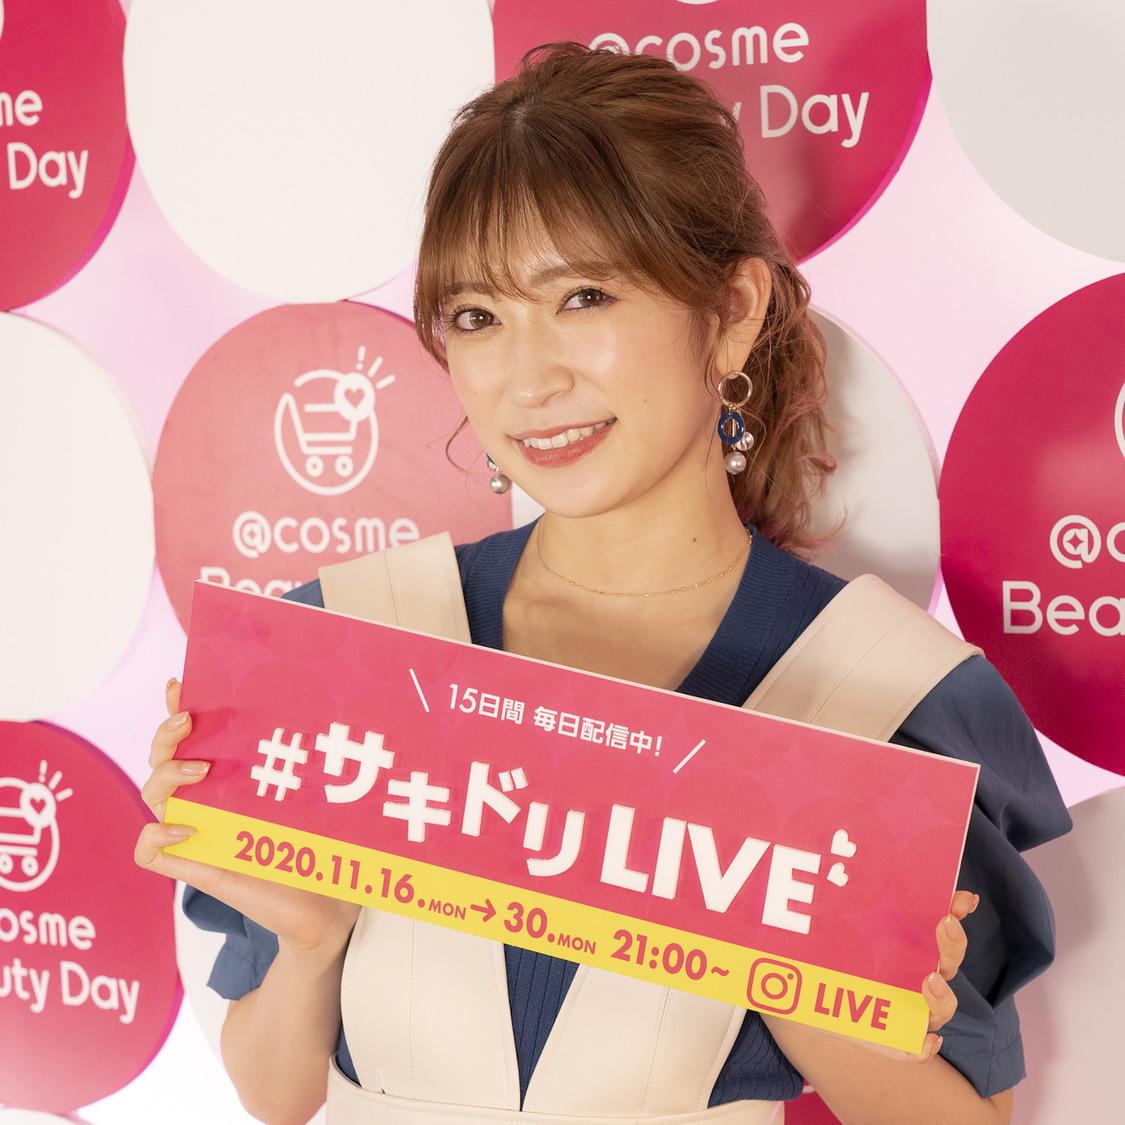 """NMB48 吉田朱里、美容マイルールを発表「楽しみながら""""可愛い""""を常にアップデートする♡」『#サキドリLIVE』出演"""